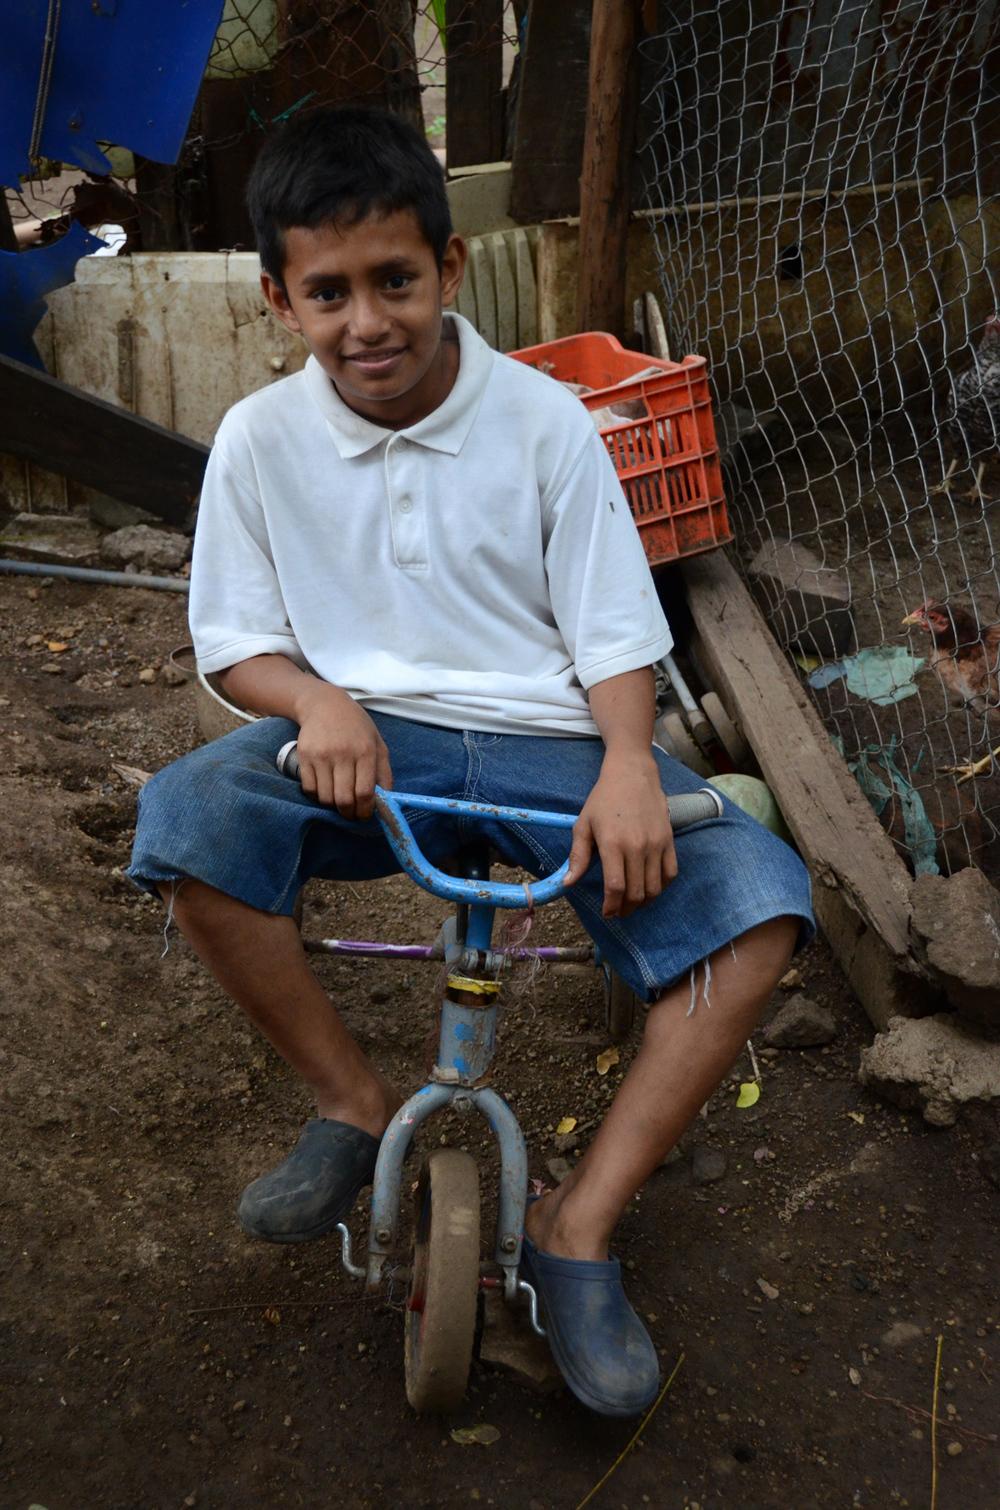 Edwin Edwin montando el triciclo de su difunto hermano Yader afuera de su casa en Managua. (2012). Foto de Elizabeth Kay.